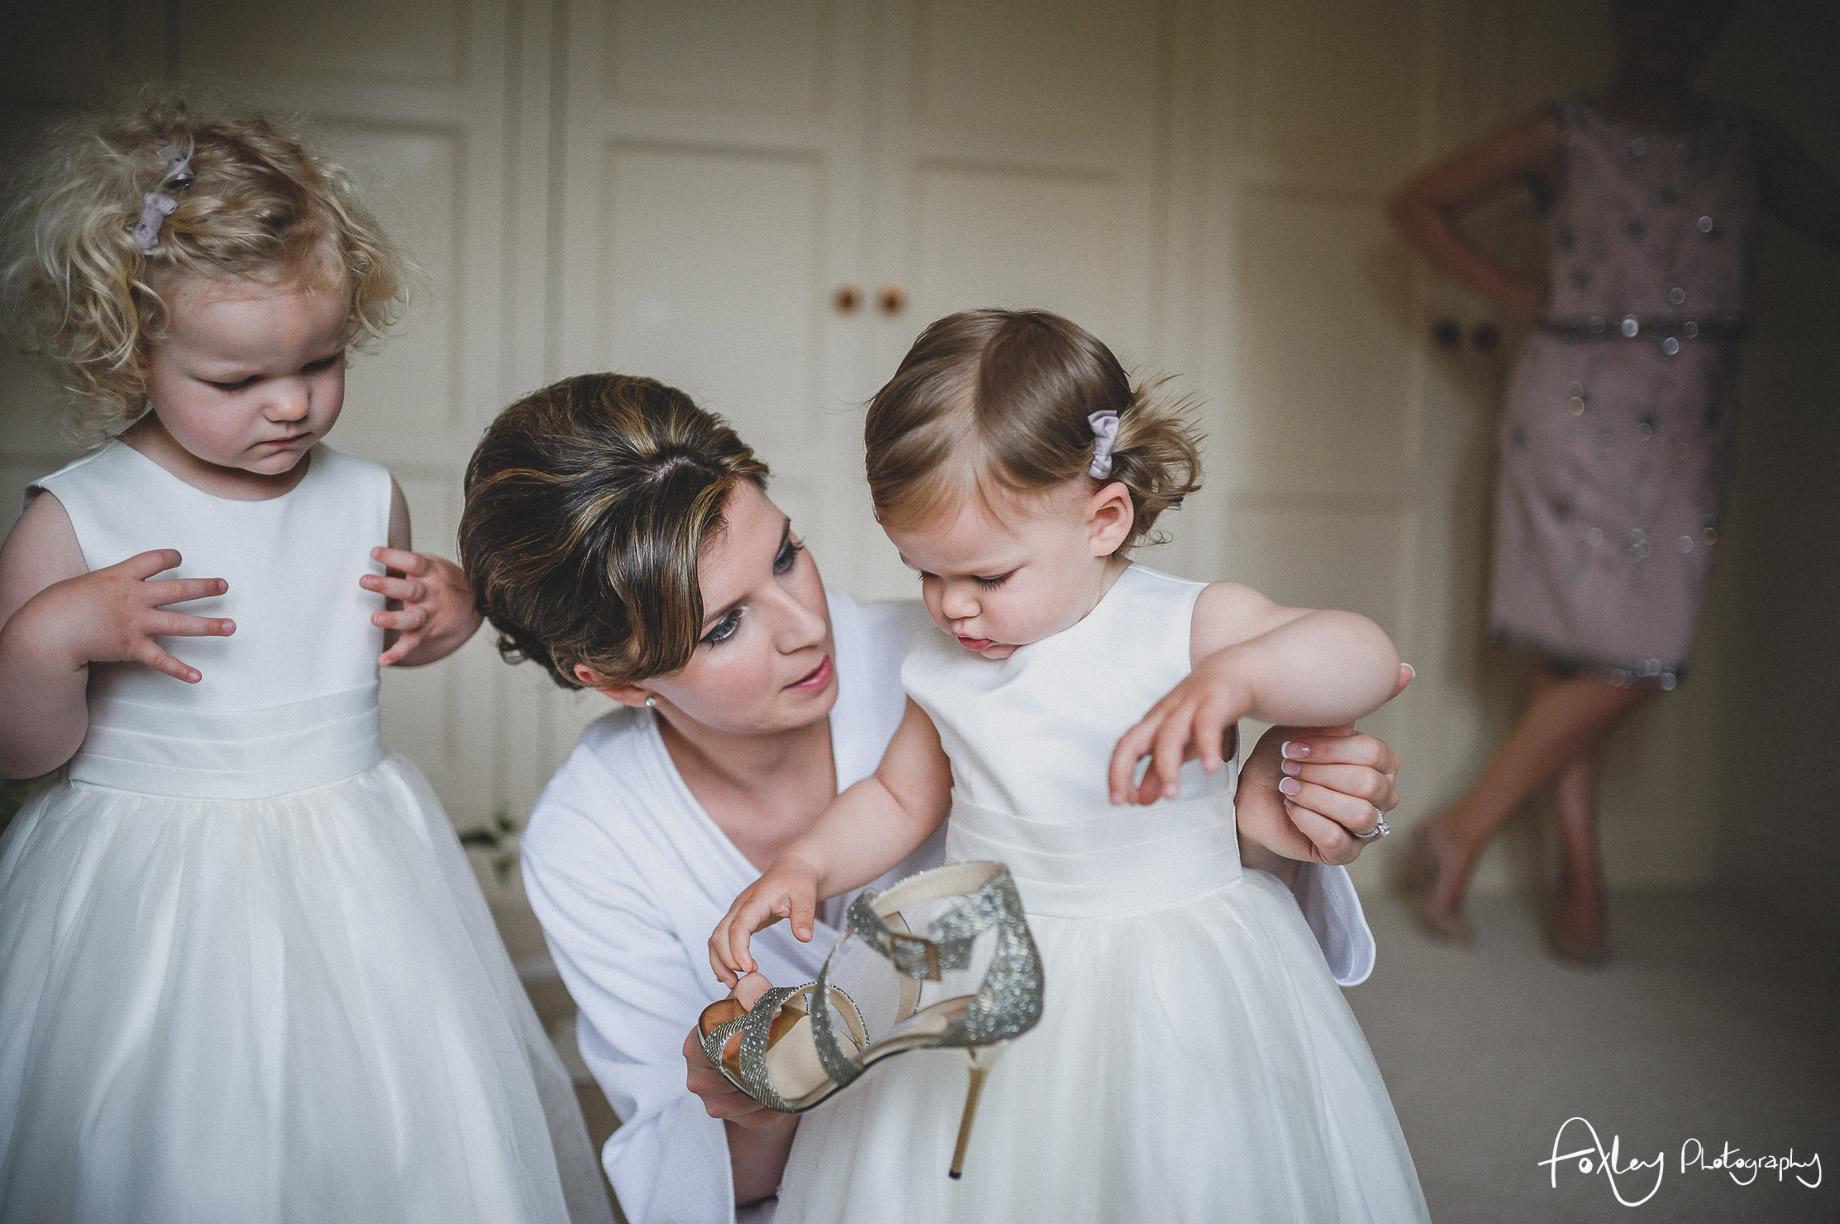 Simona-and-Robert-Wedding-at-Colshaw-Hall-060